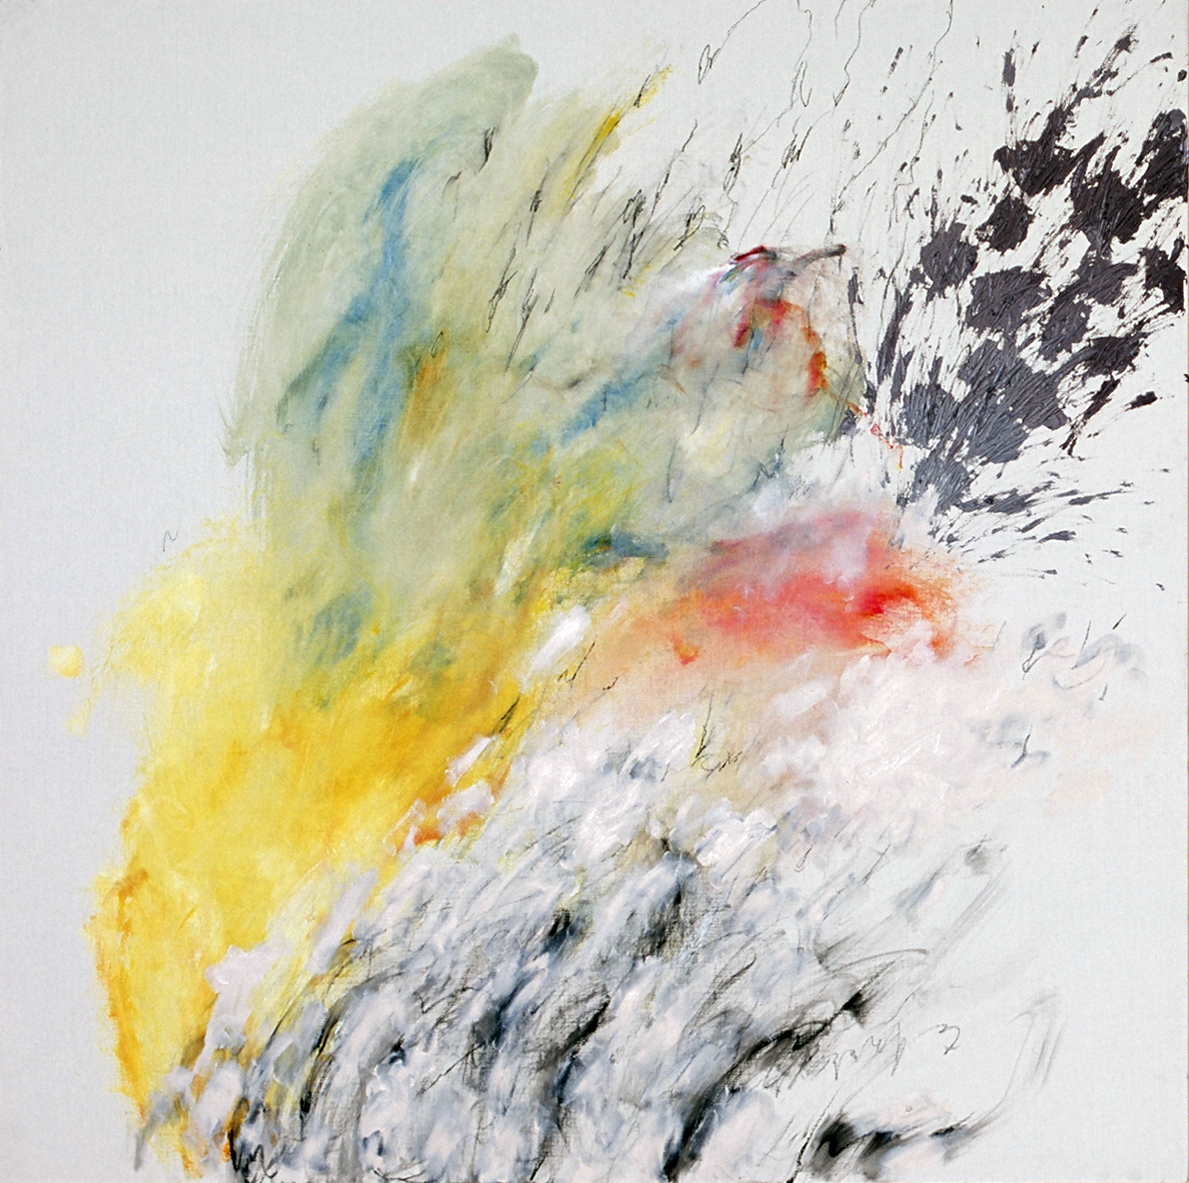 無題 | 森田加奈子 Kanako MORITA